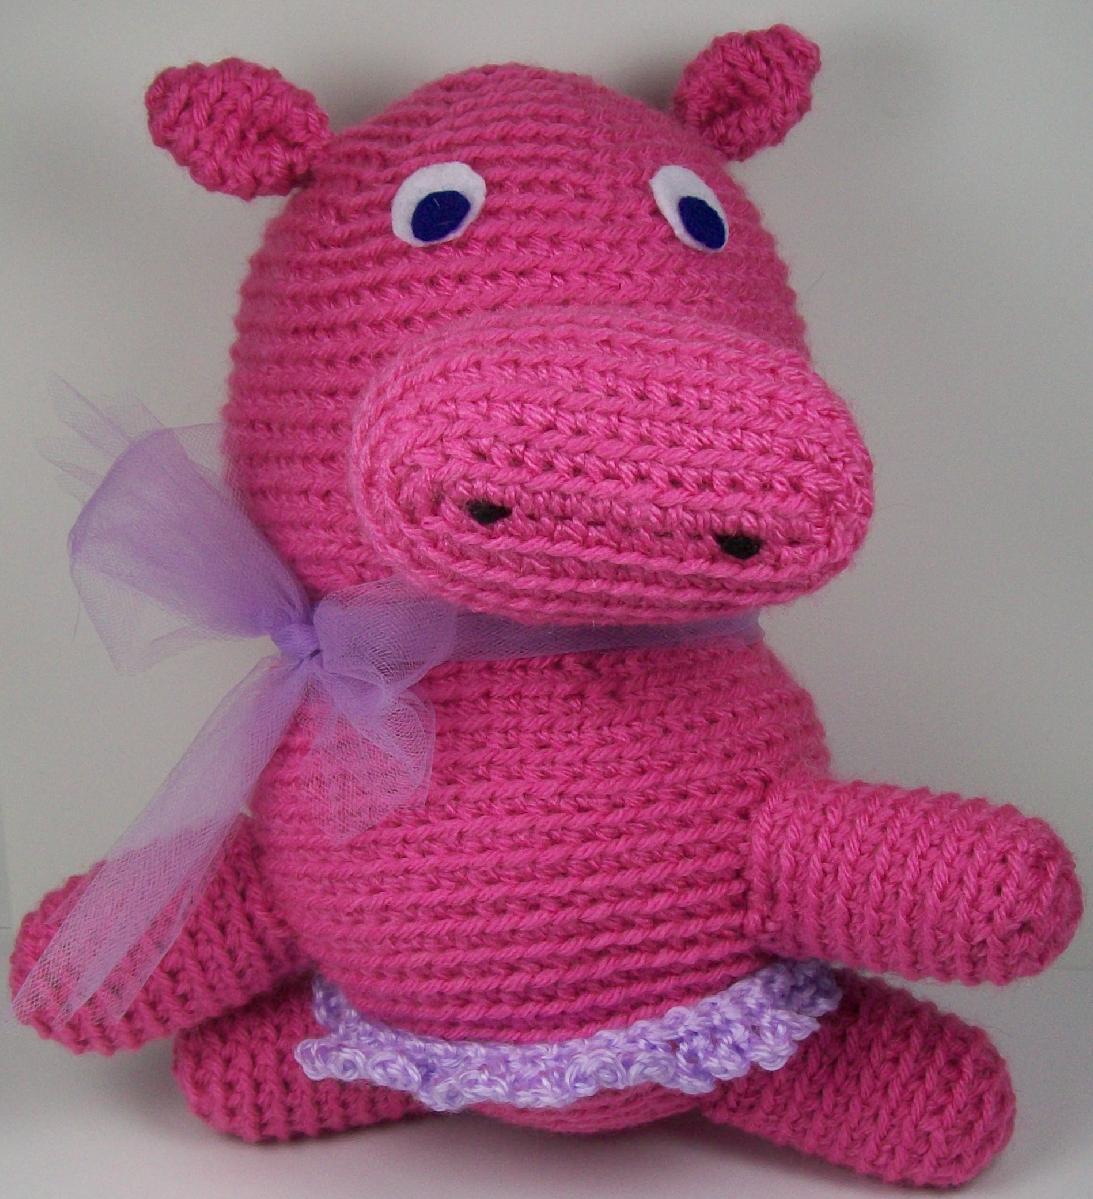 Personalized handmade amigurumi toy Hippo ballerina   Etsy   1199x1093